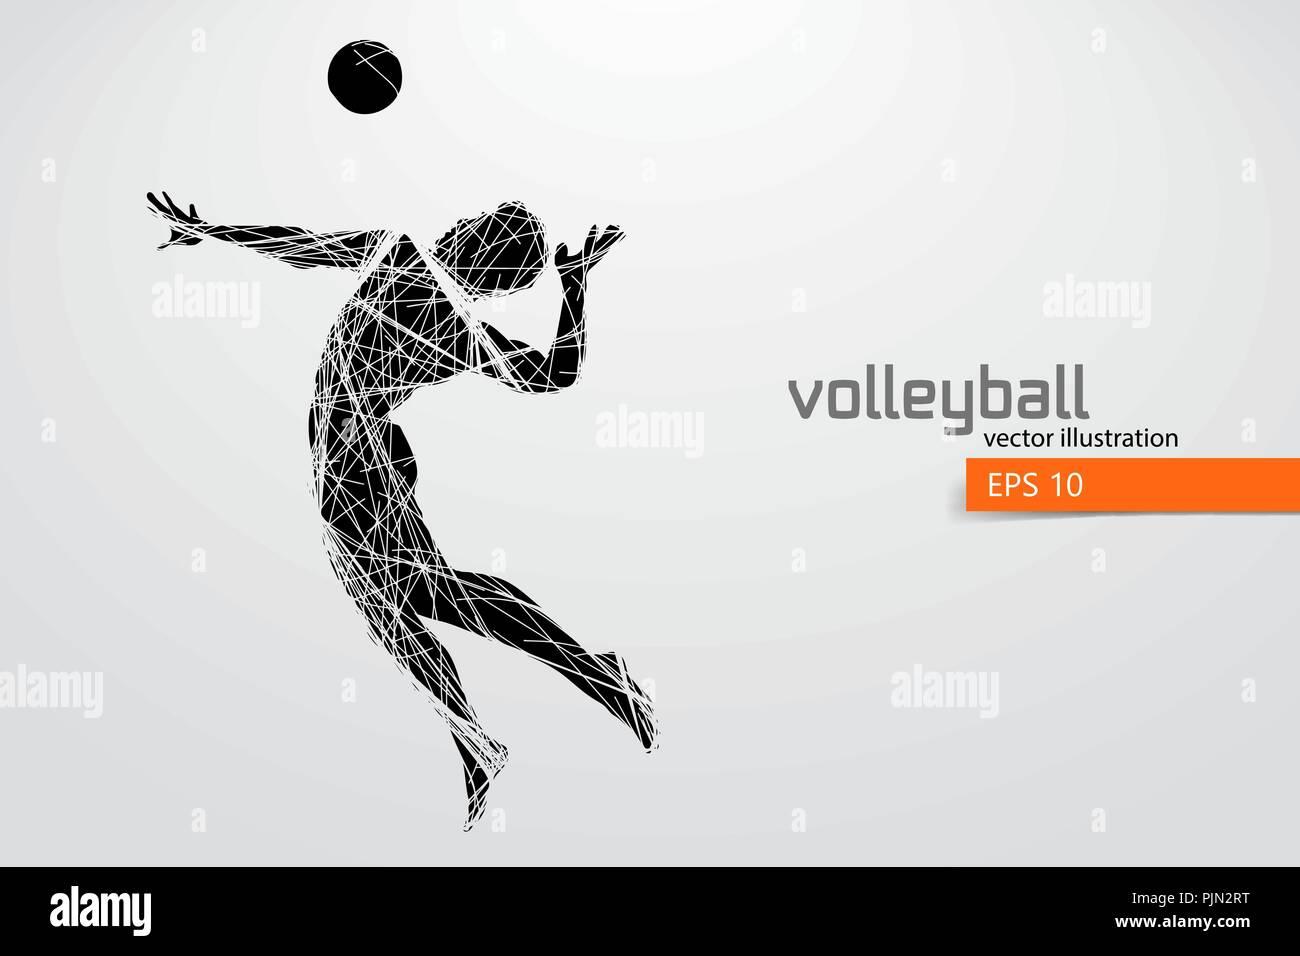 Silueta de jugador de voleibol. Antecedentes y texto en una capa  independiente 57b53d056271b